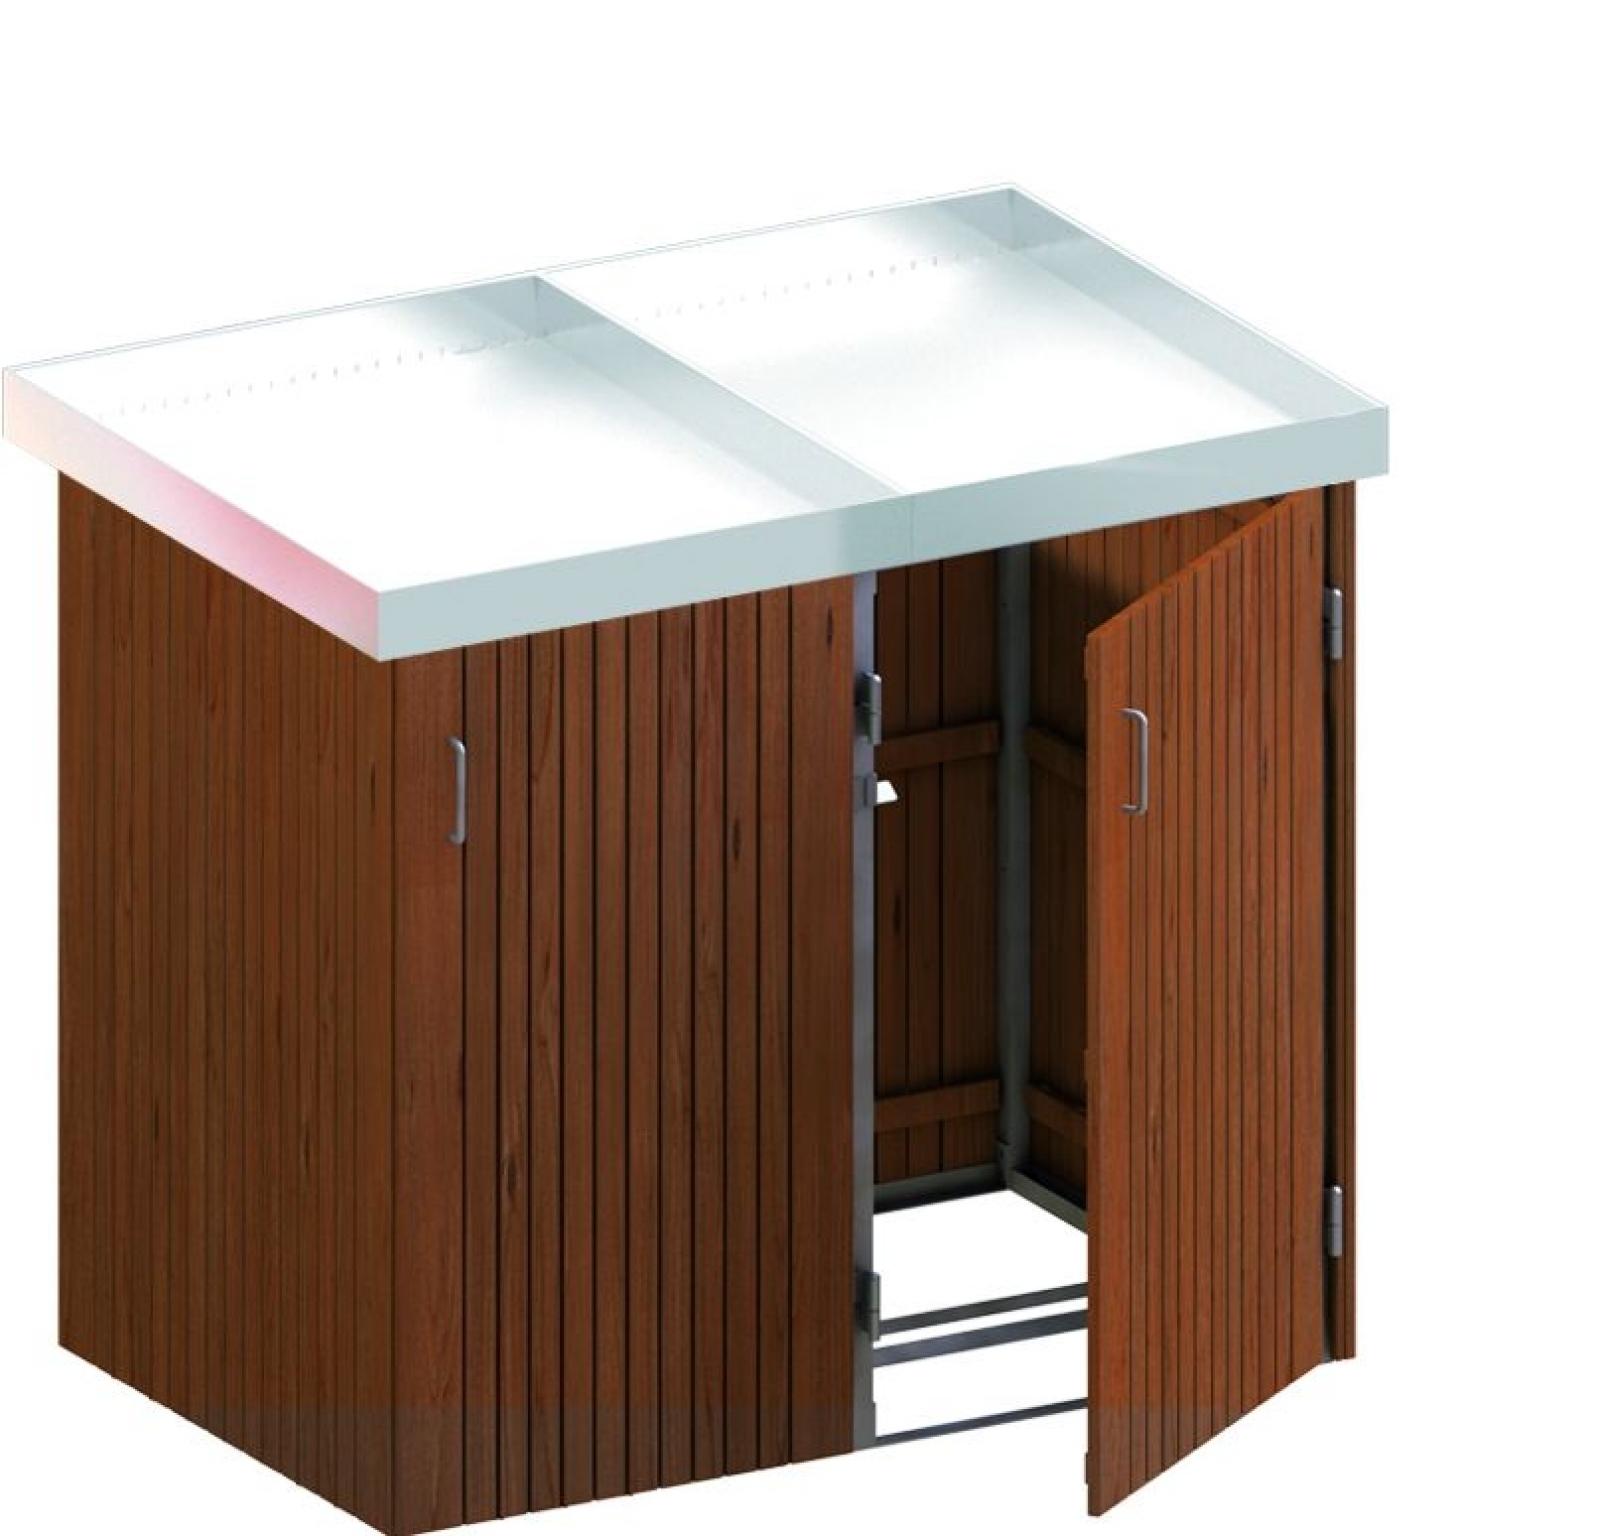 mülltonnenbox premium hartholz system 2p